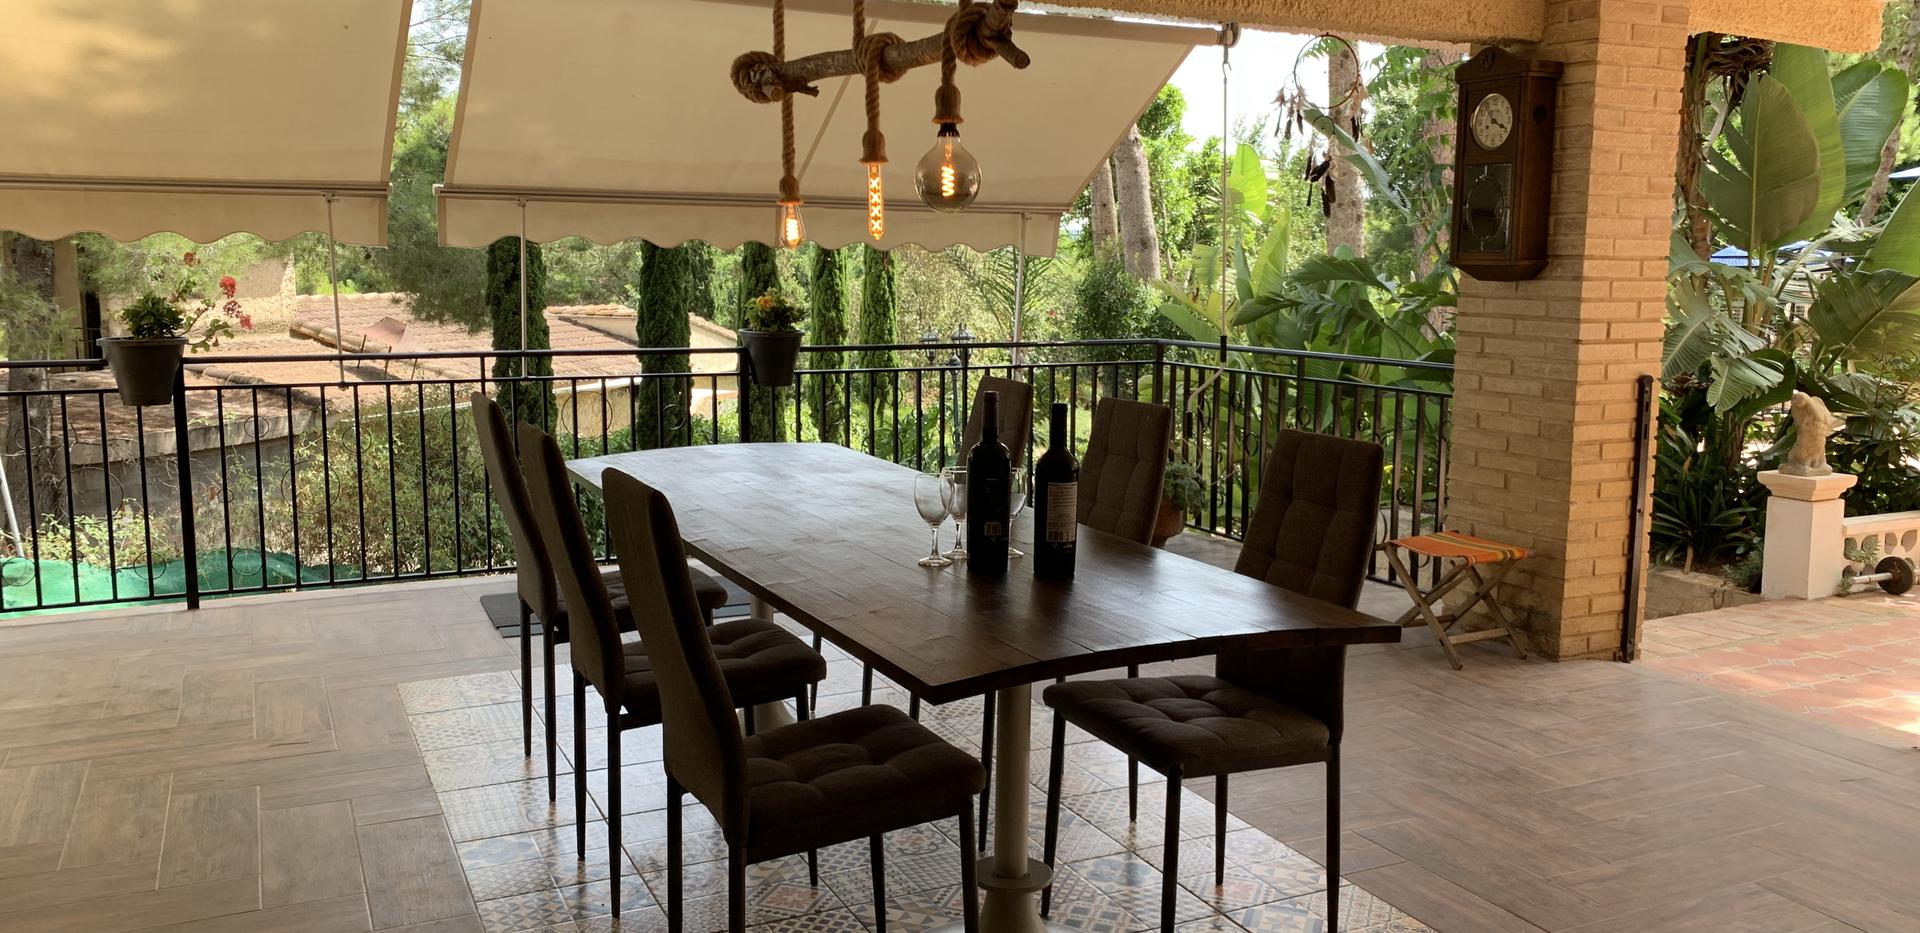 Keuken balkonterras 1.HEIC